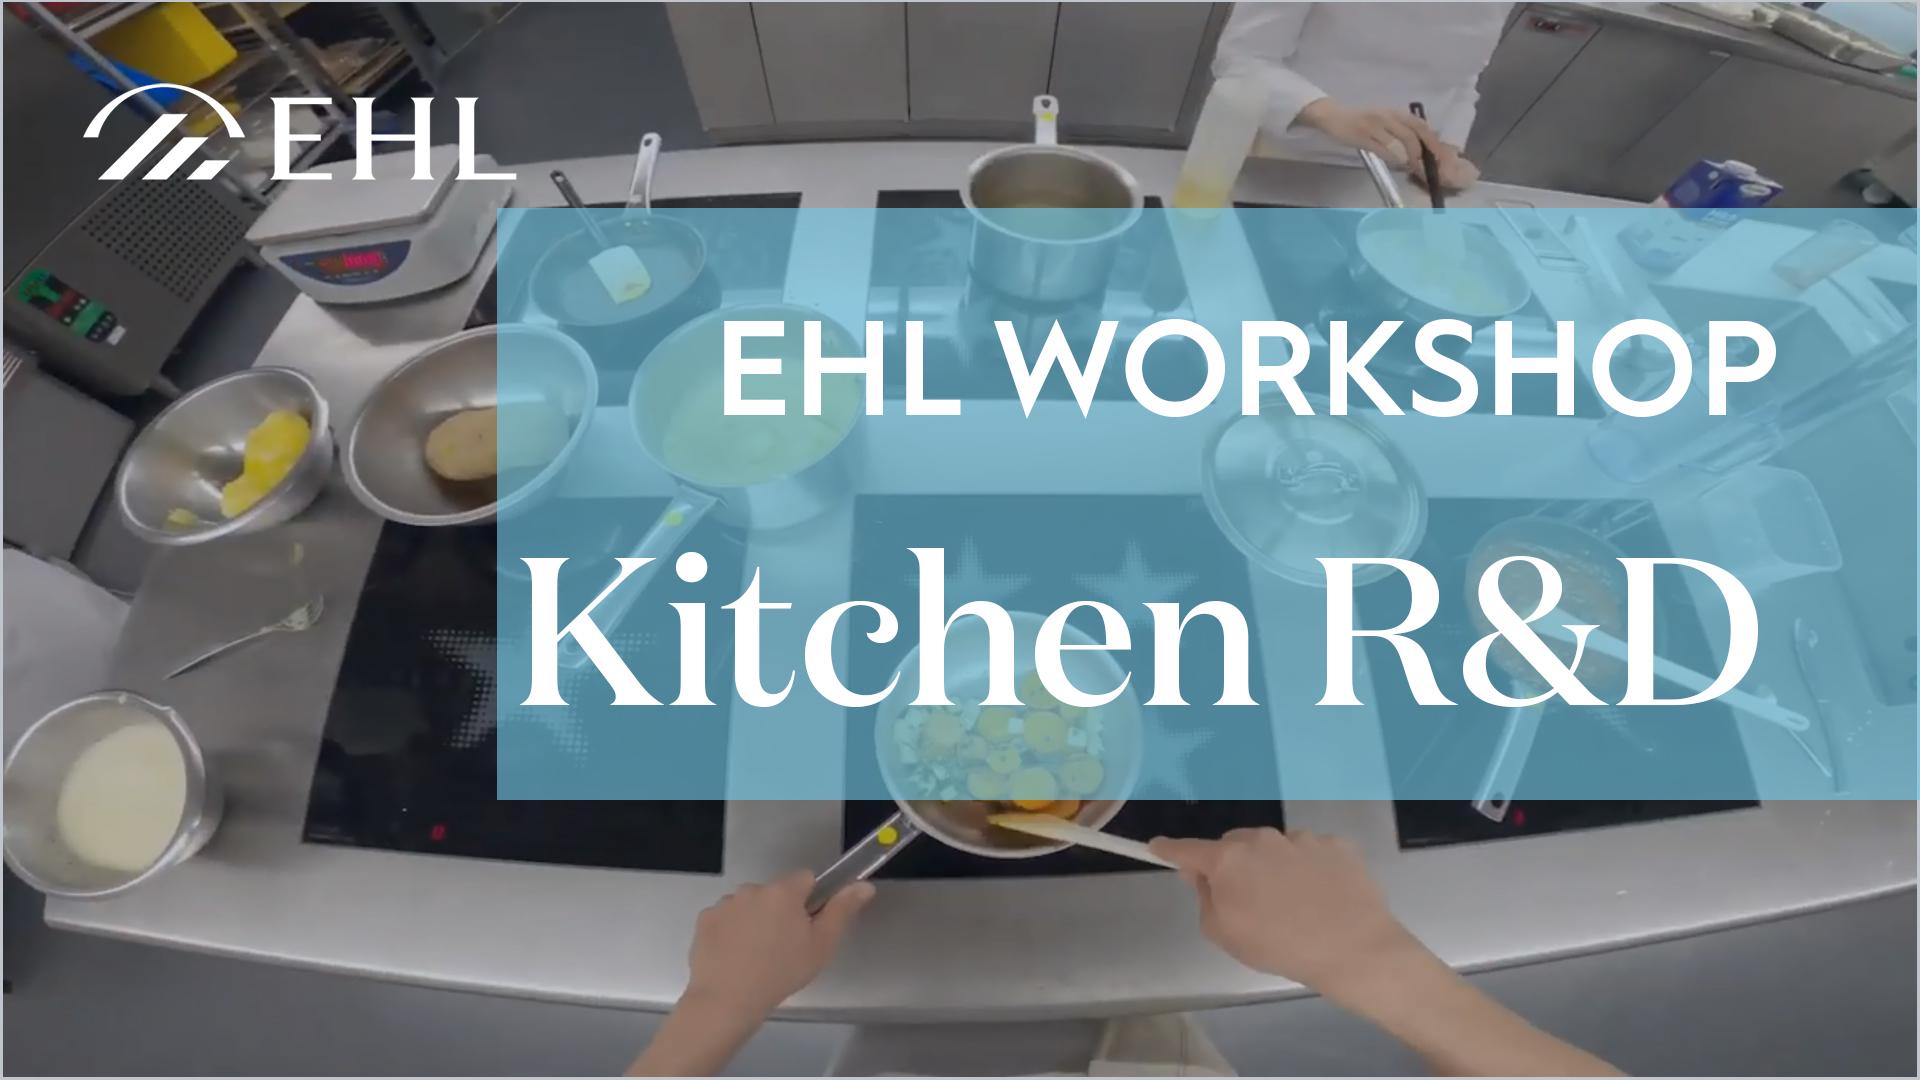 Kitchen R&D